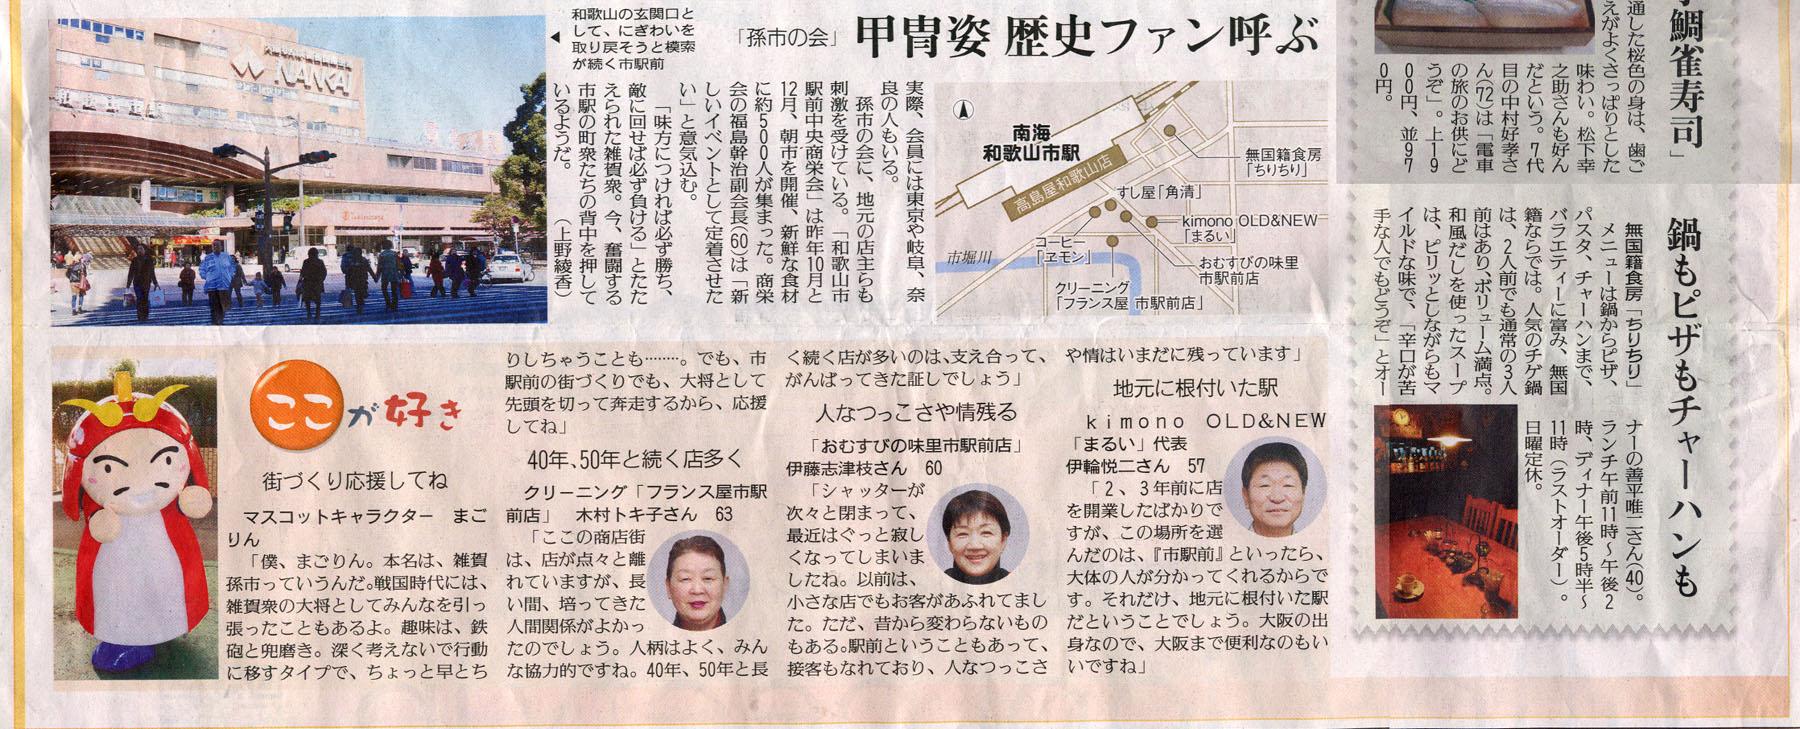 20100131yomiuri_02.jpg